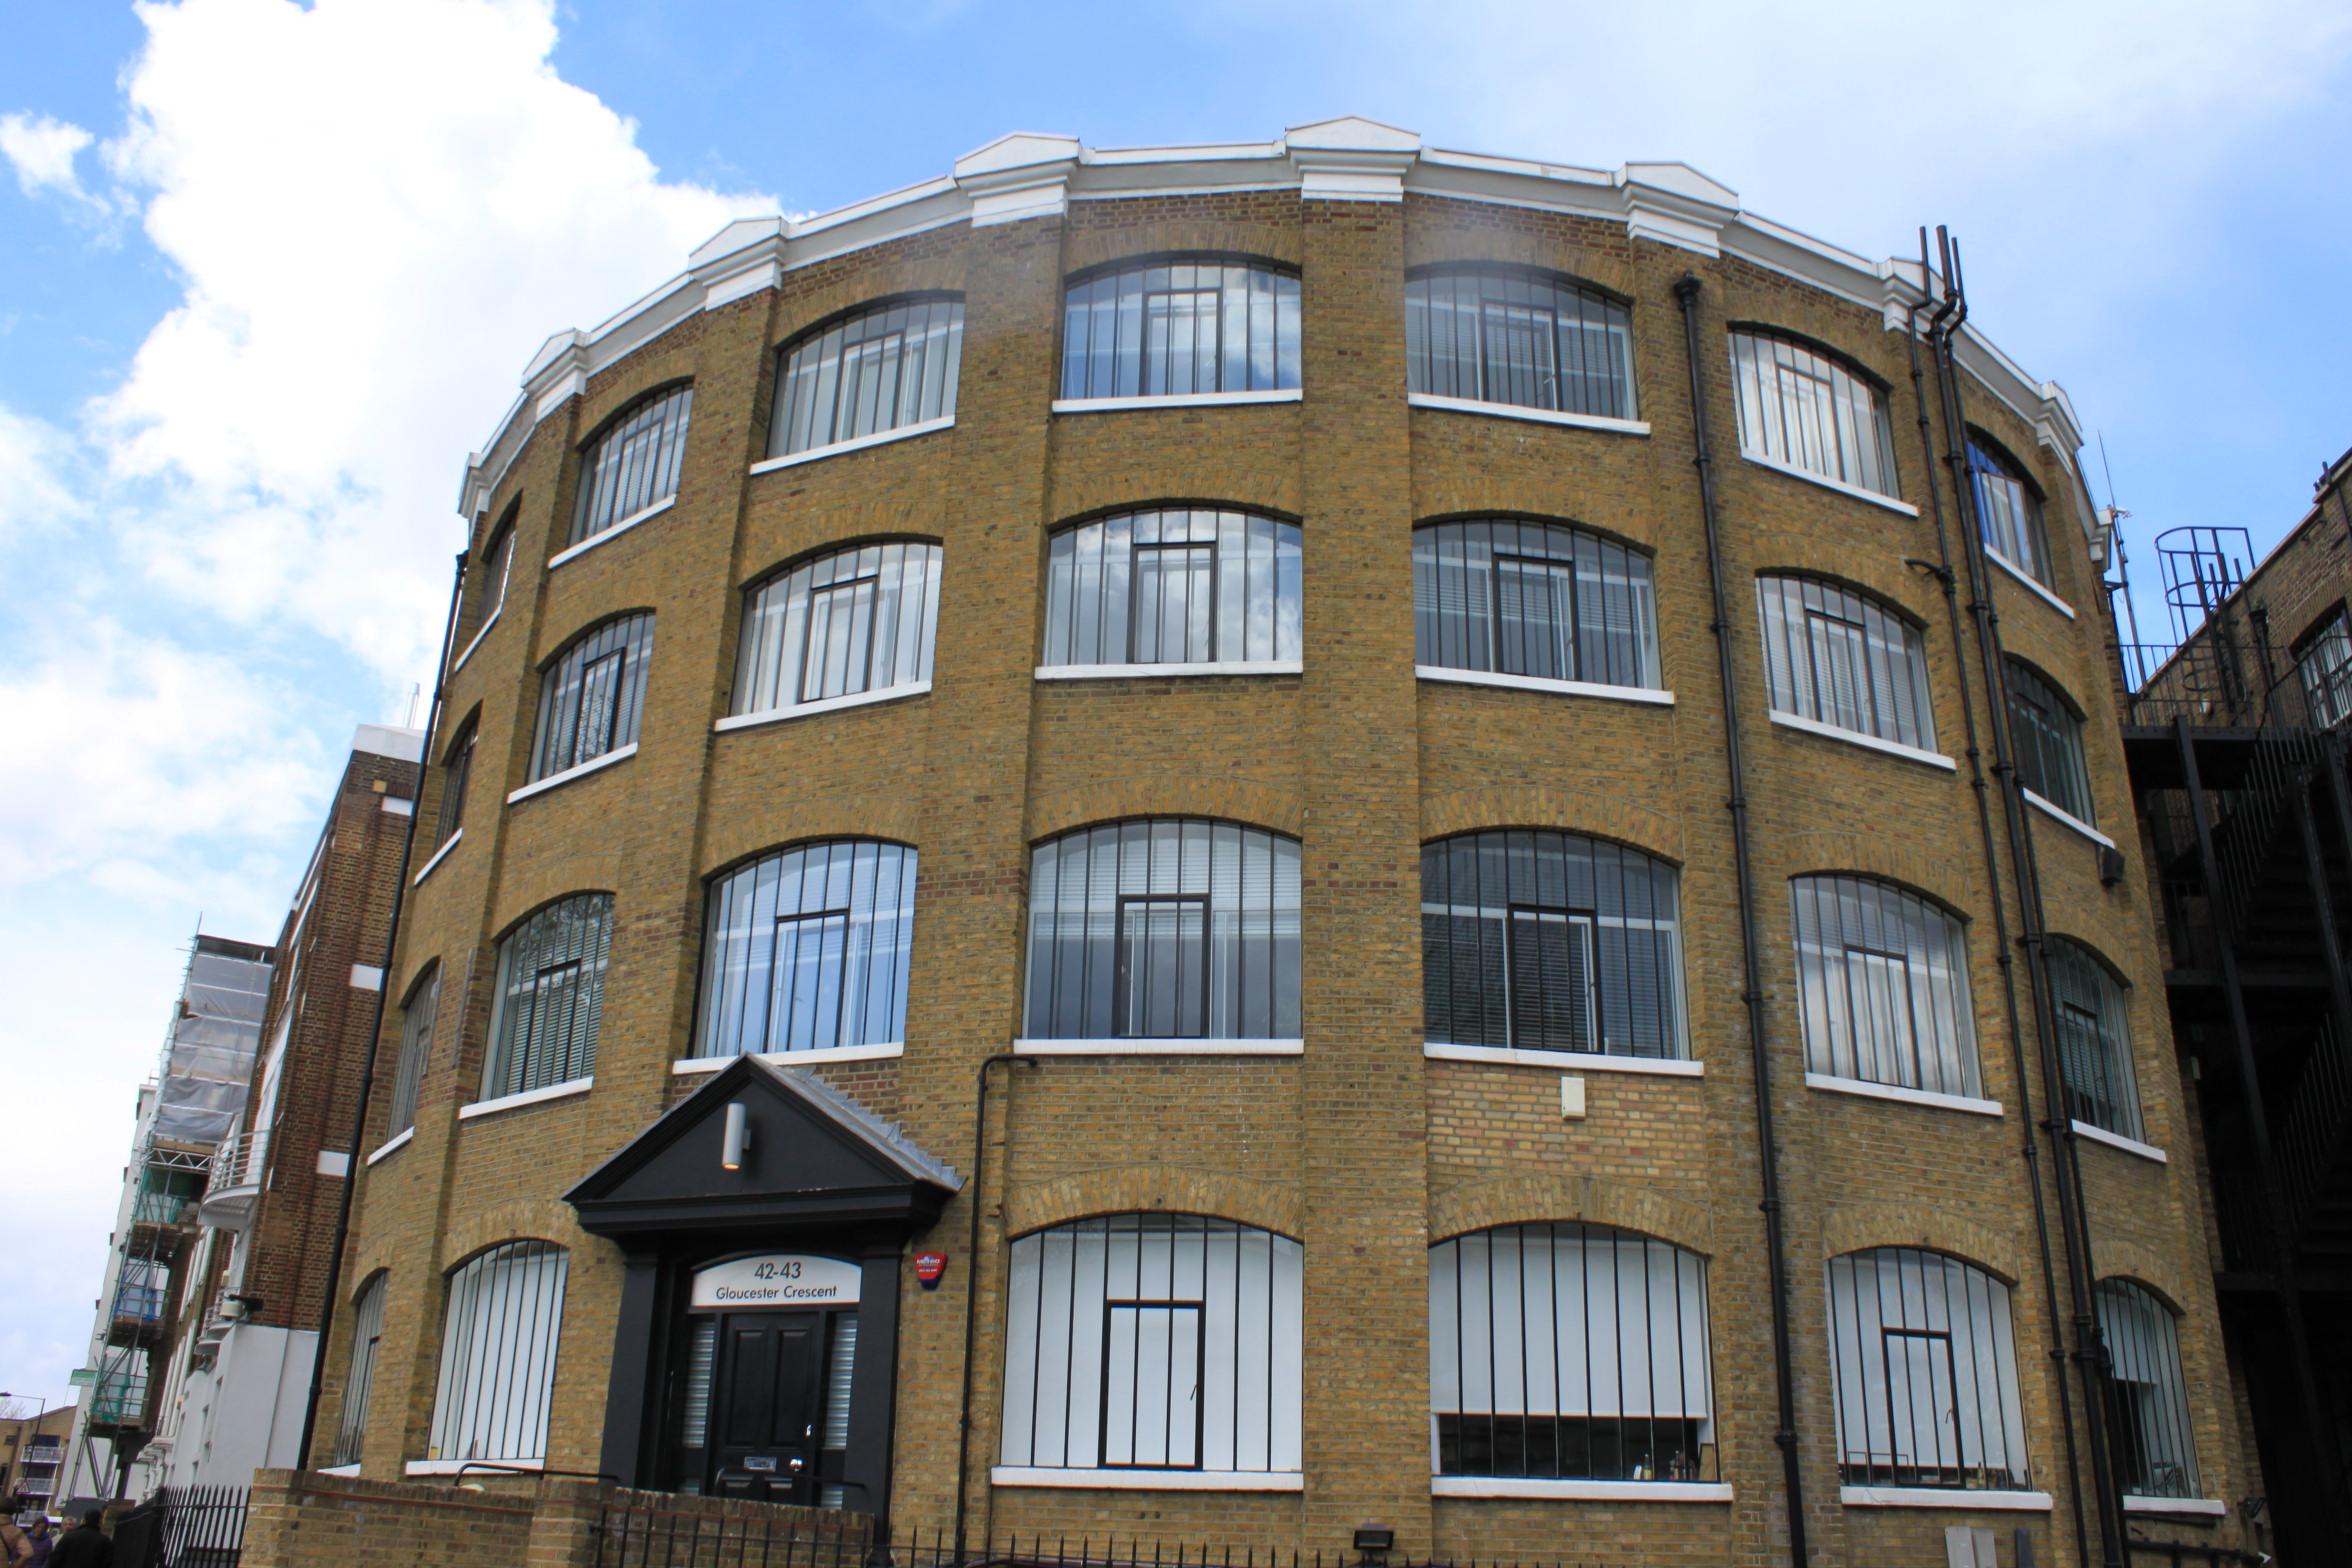 Collard & Collard Building